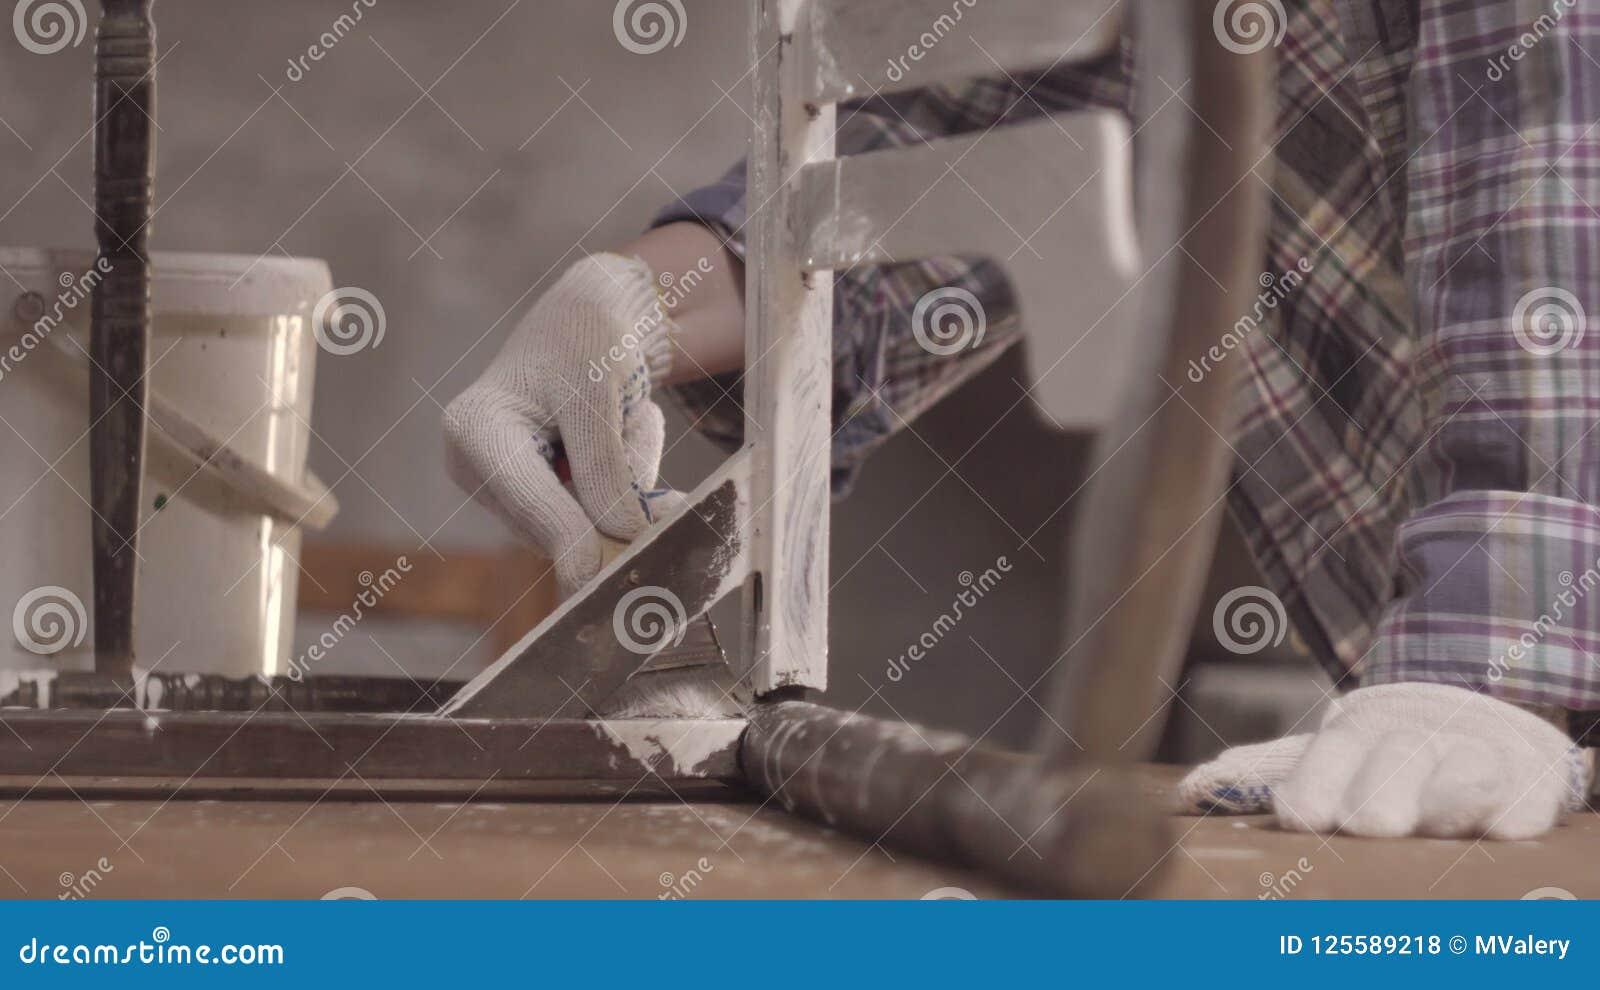 Girl Carpenter Designer Decorator Works In A Workshop On The